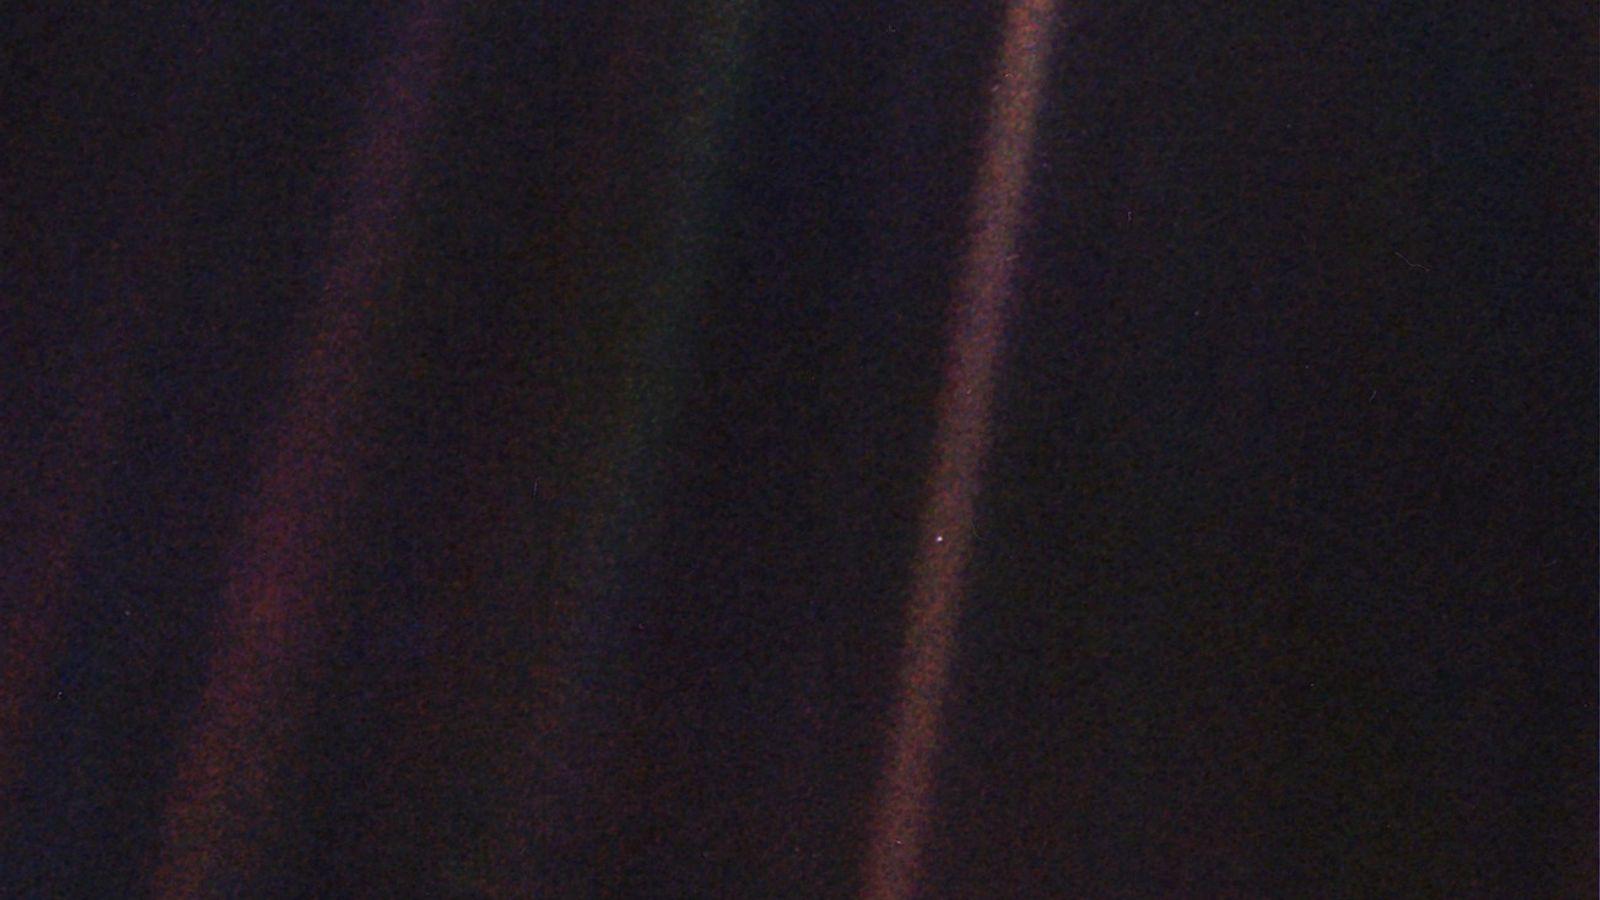 El 14 de febrero de 1990, la nave espacial Voyager 1 tomó una foto de la ...